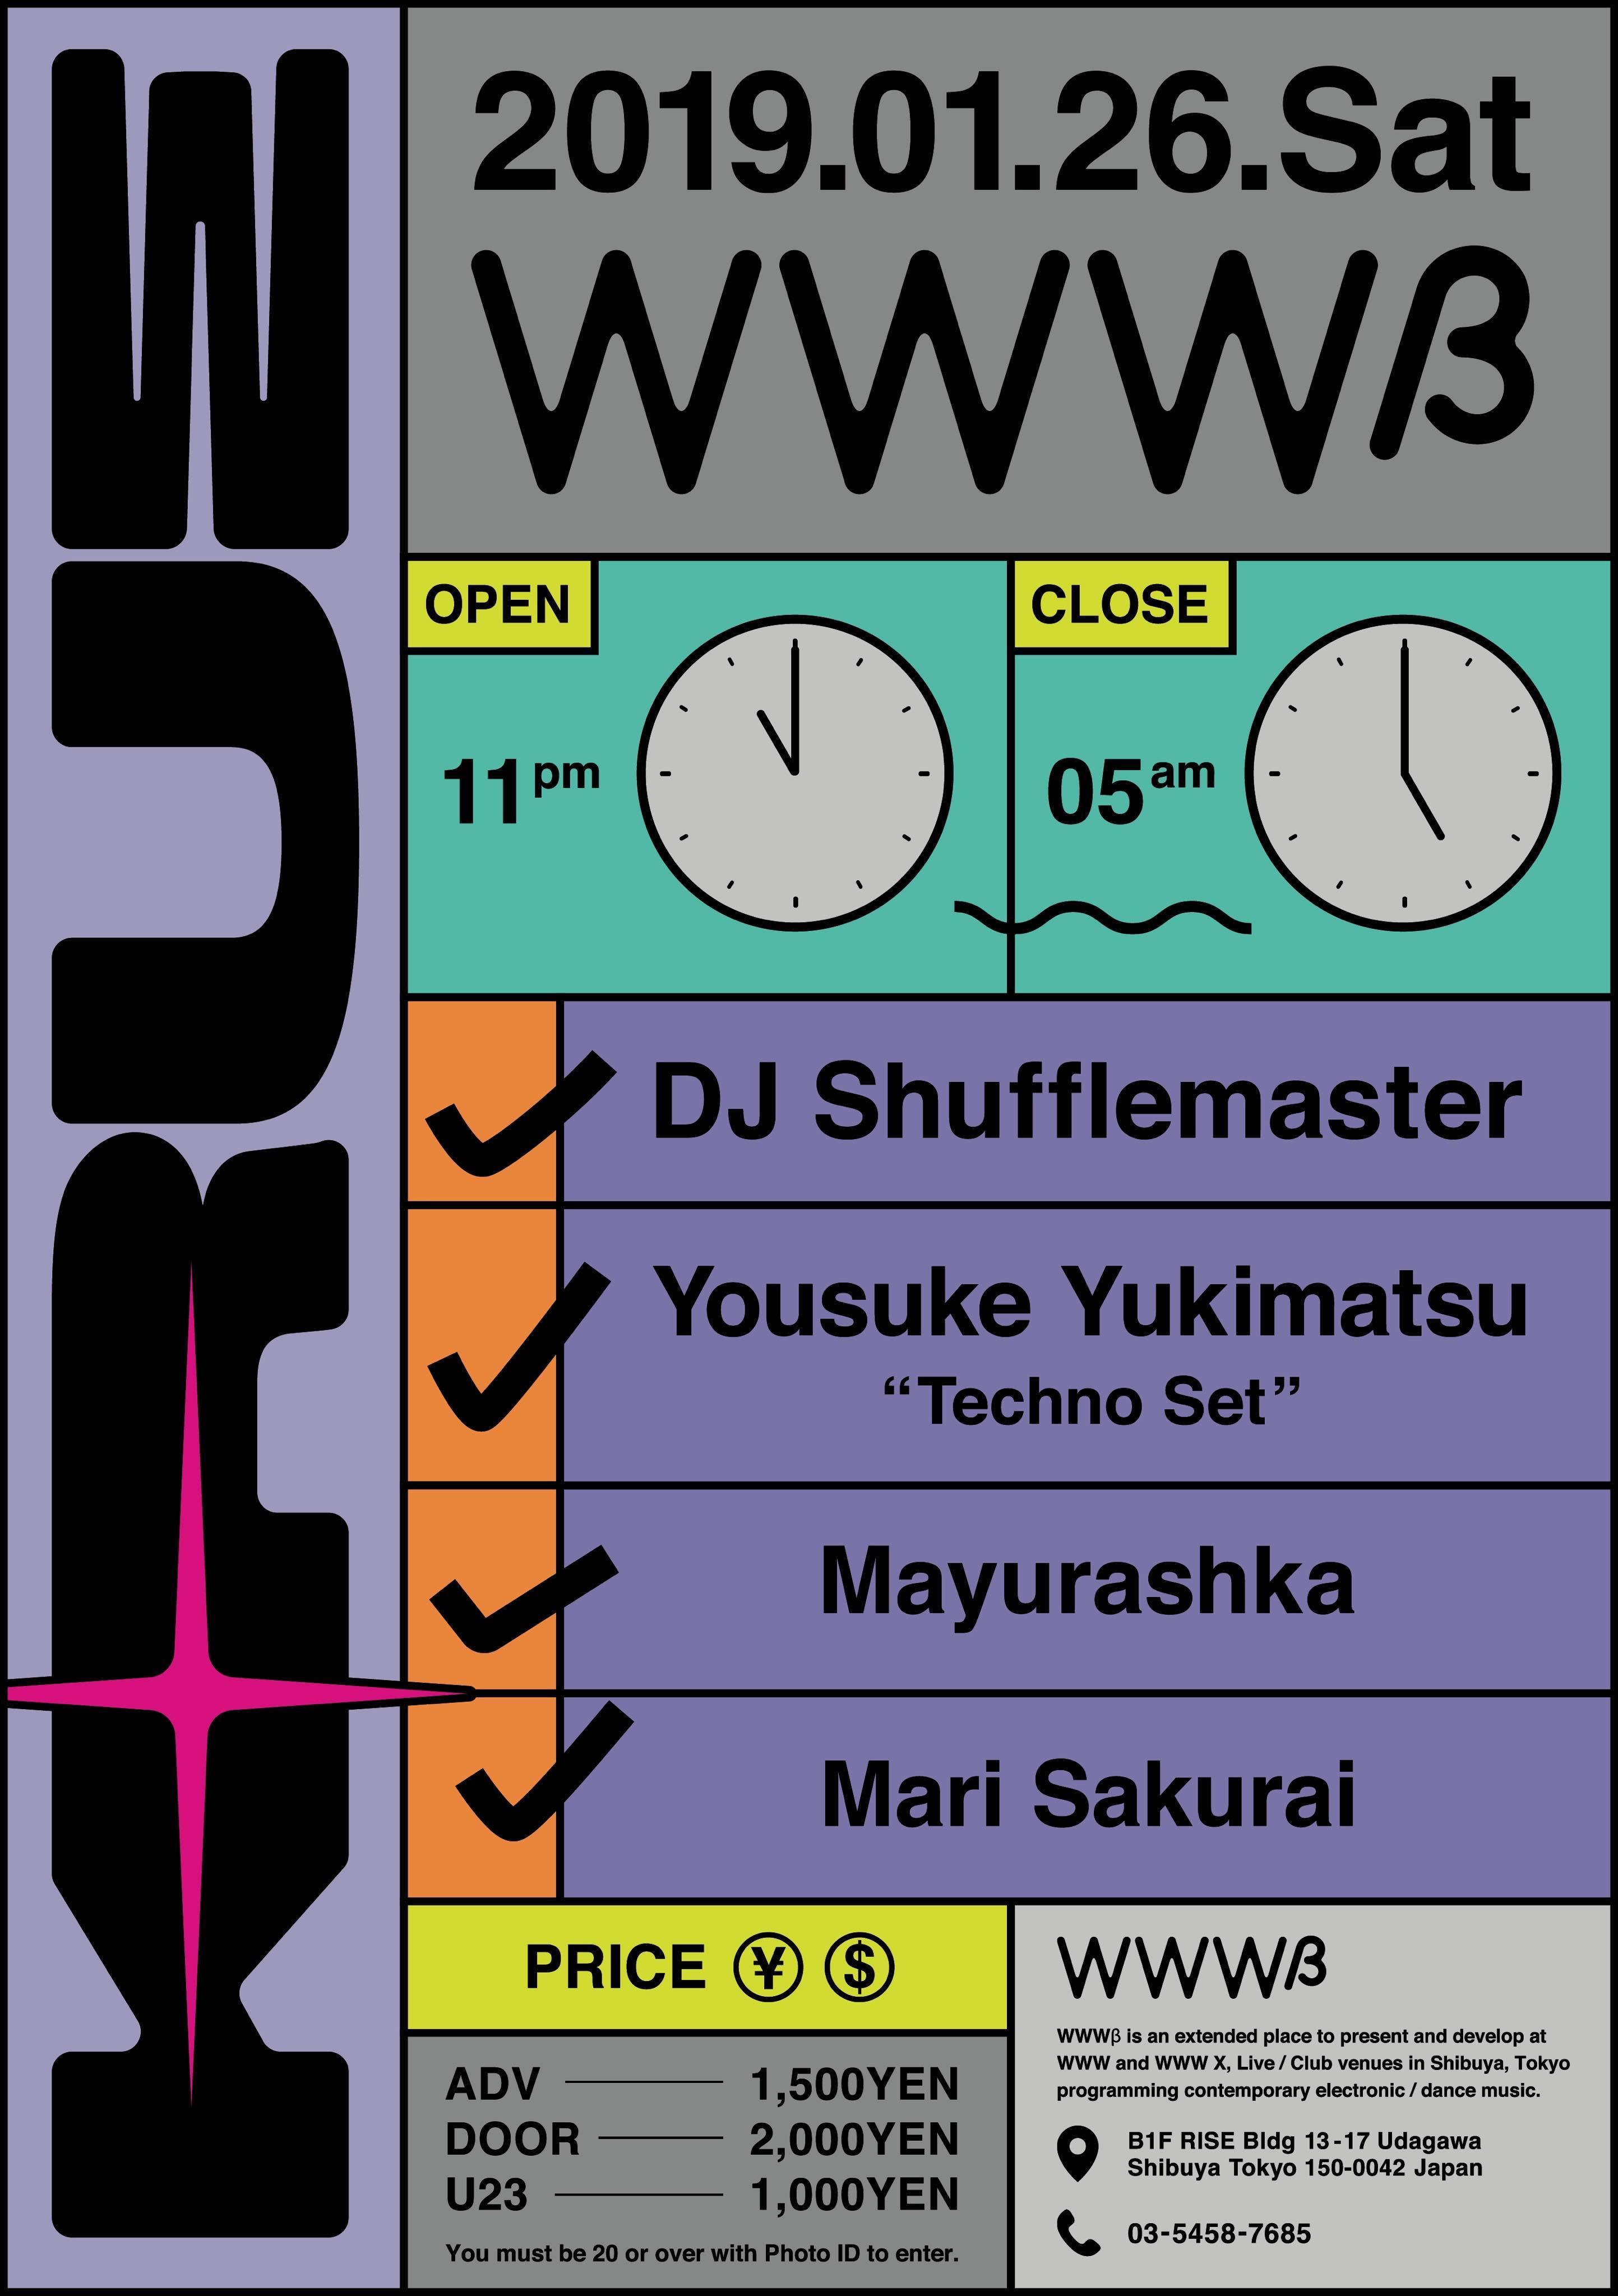 DJ Shufflemaster / Yousuke Yukimatsu - Techno Set -  / Mayurashka / Mari Sakurai